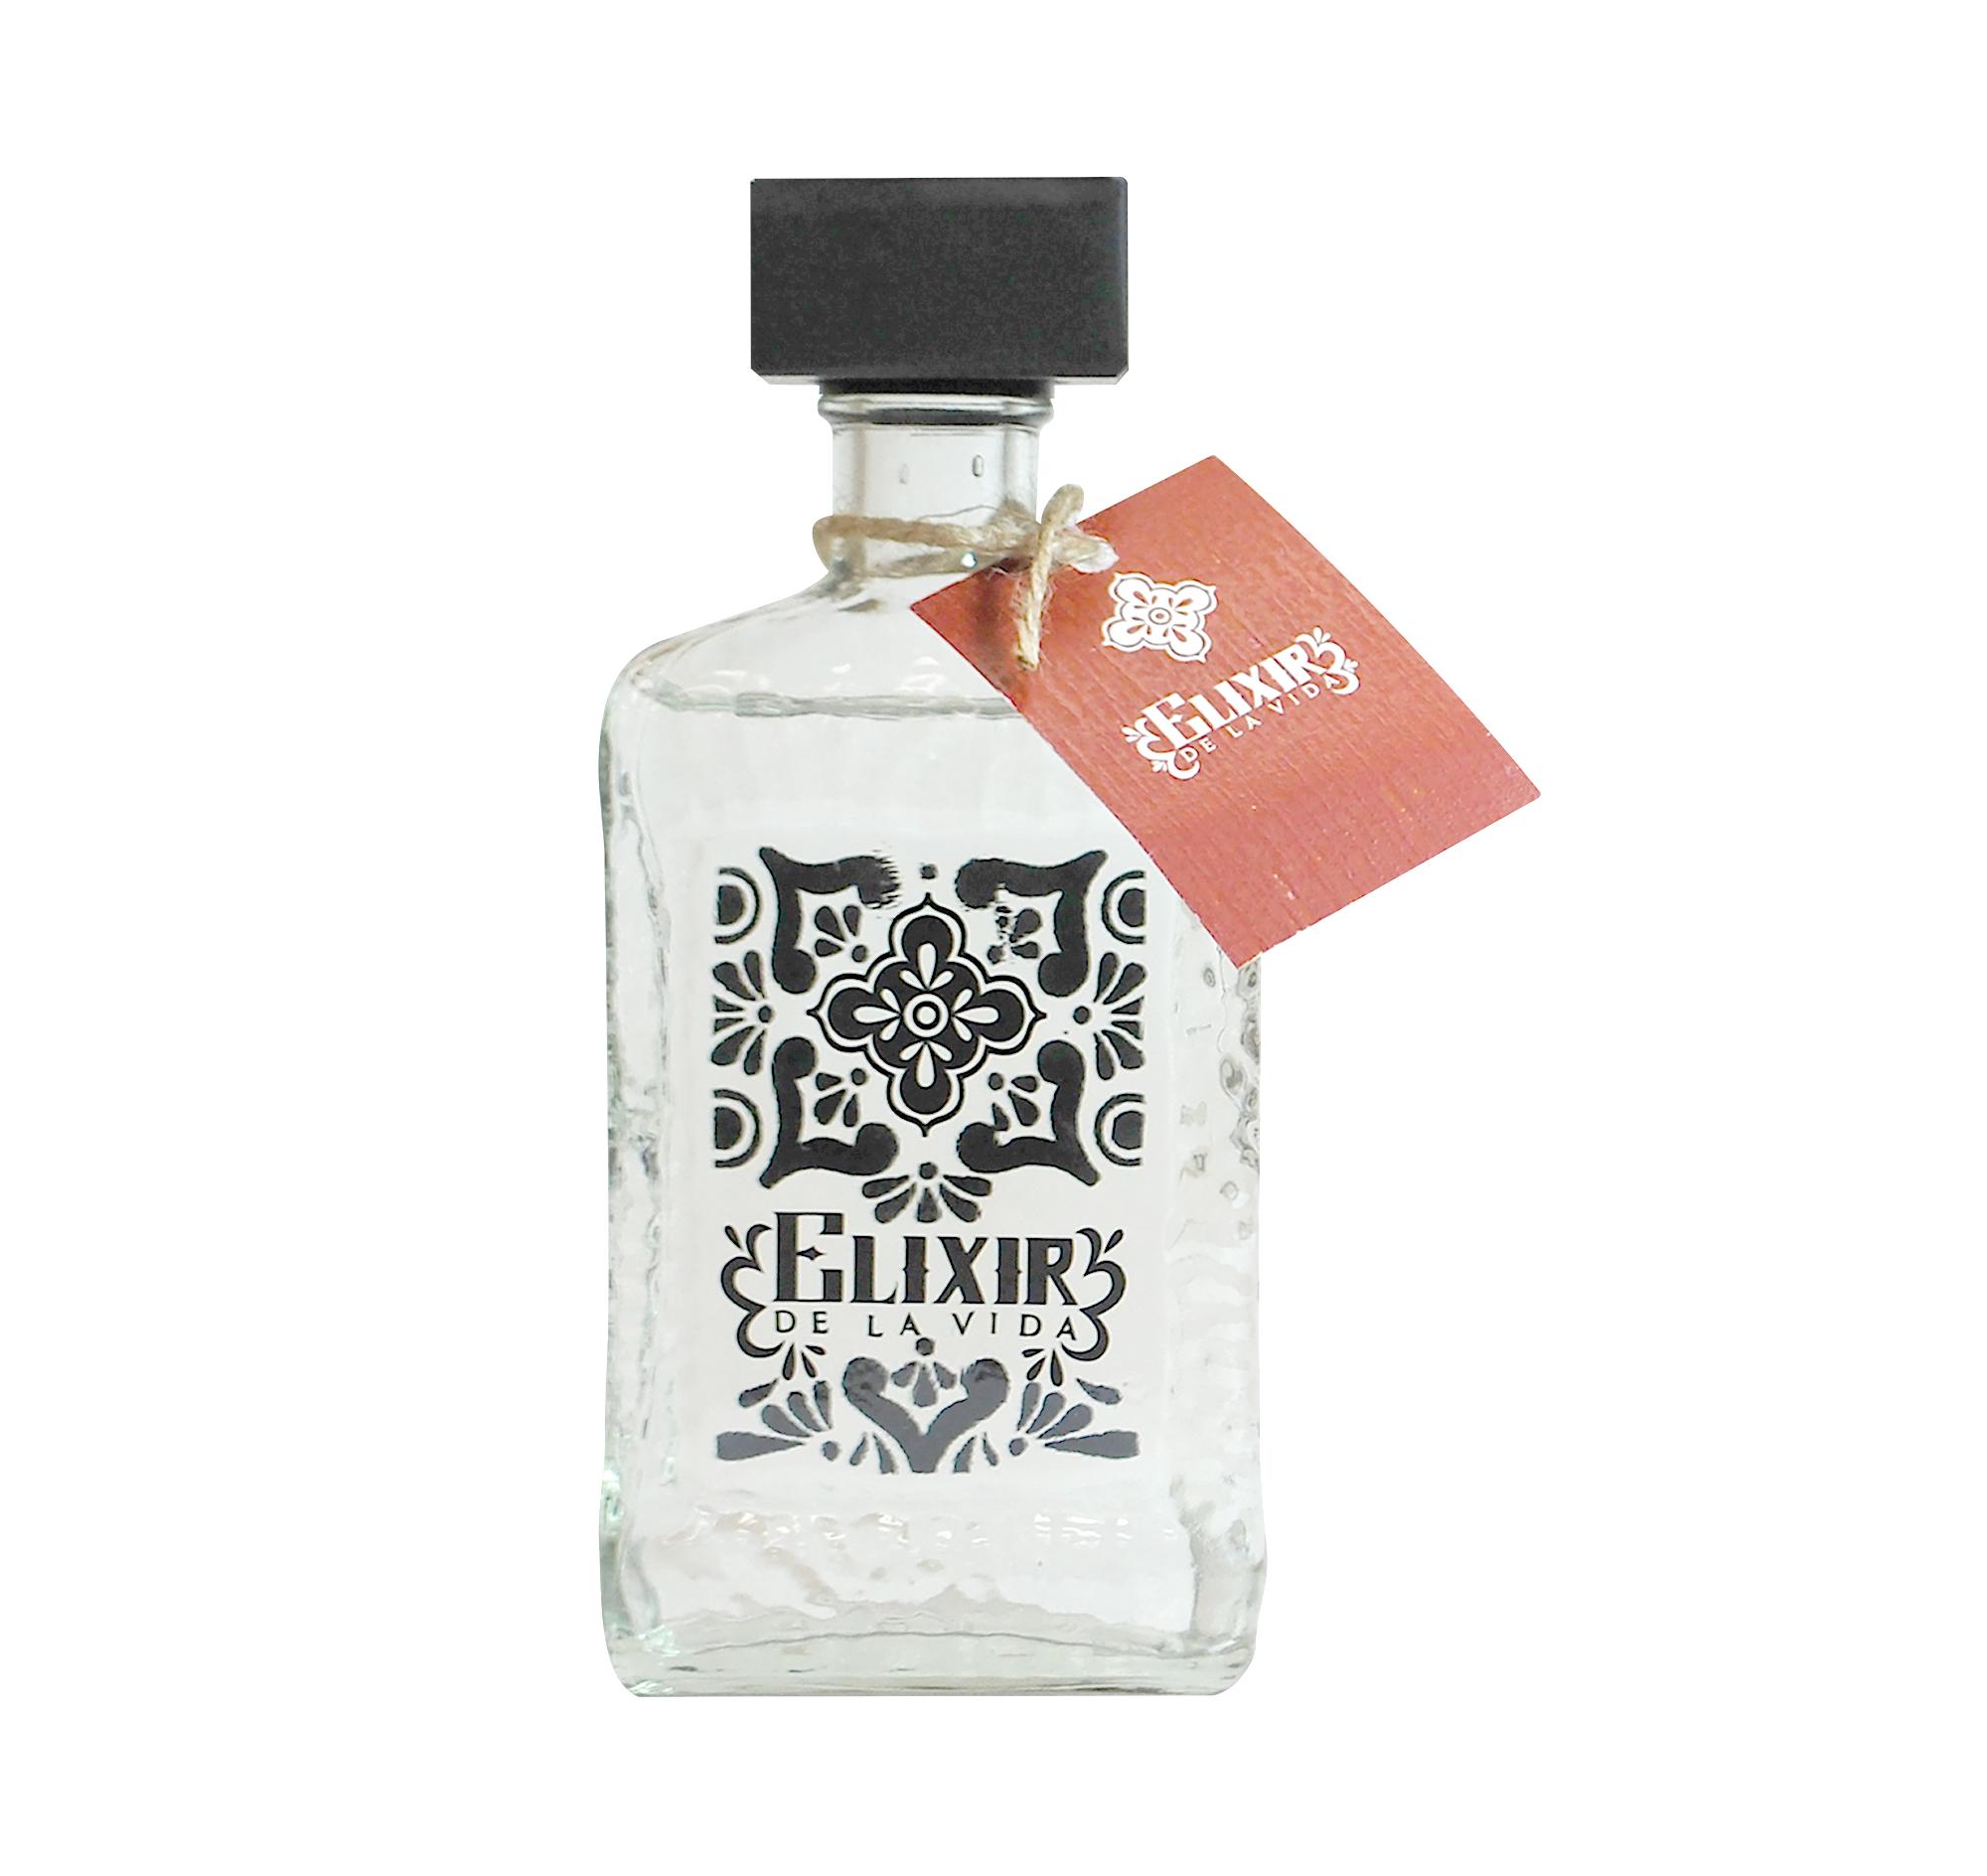 Elixir_Bottle2_RGB.jpg